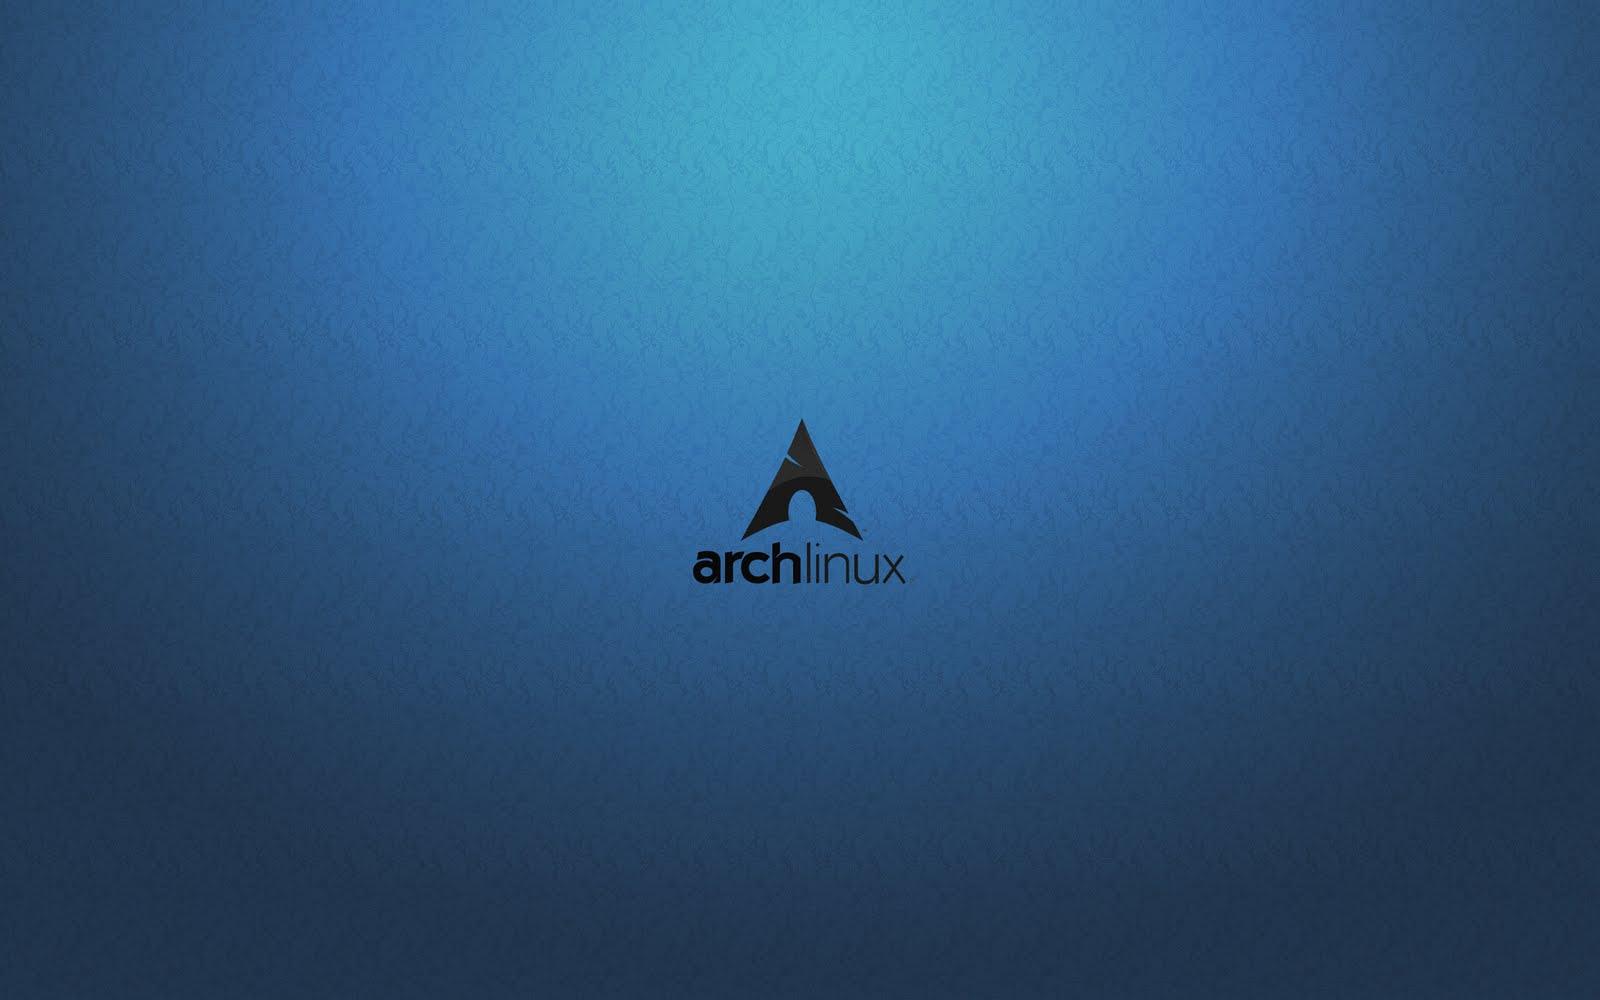 http://1.bp.blogspot.com/-2_L8Xlkfots/Ta8tT1PLB6I/AAAAAAAACgA/ZS-mt3pjRQU/s1600/Arch_Linux_Bluewave_by_BalanceST.jpg